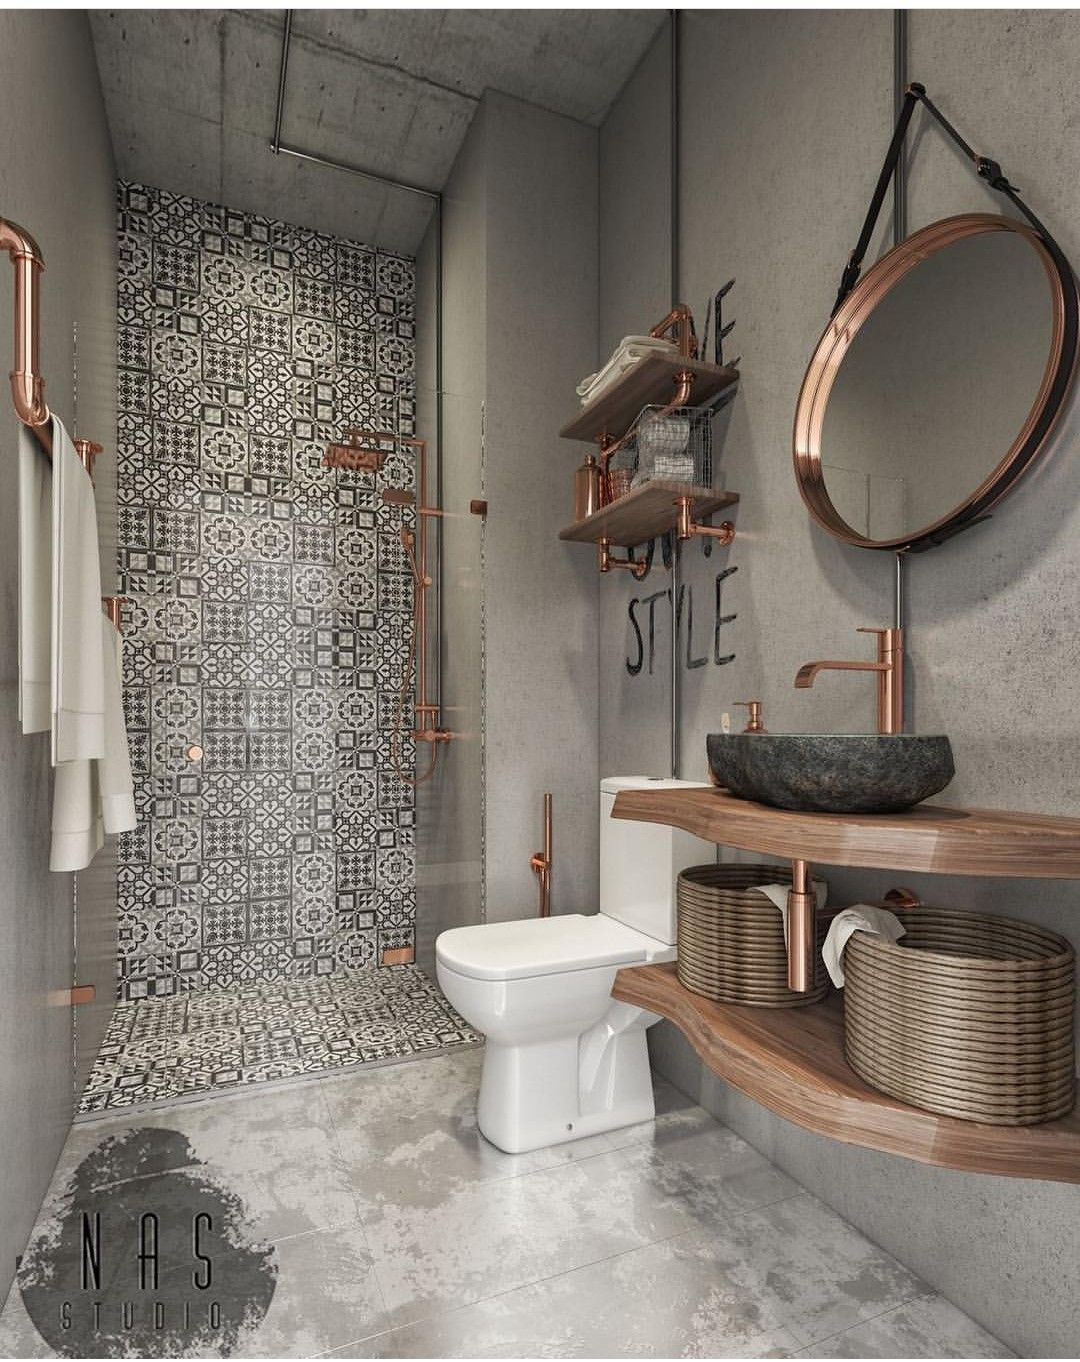 Wundervoll Badezimmer Inspiration Ideen Von Duschen, Inspiration, Druckerei, Kleine Bäder, Ideen Fürs